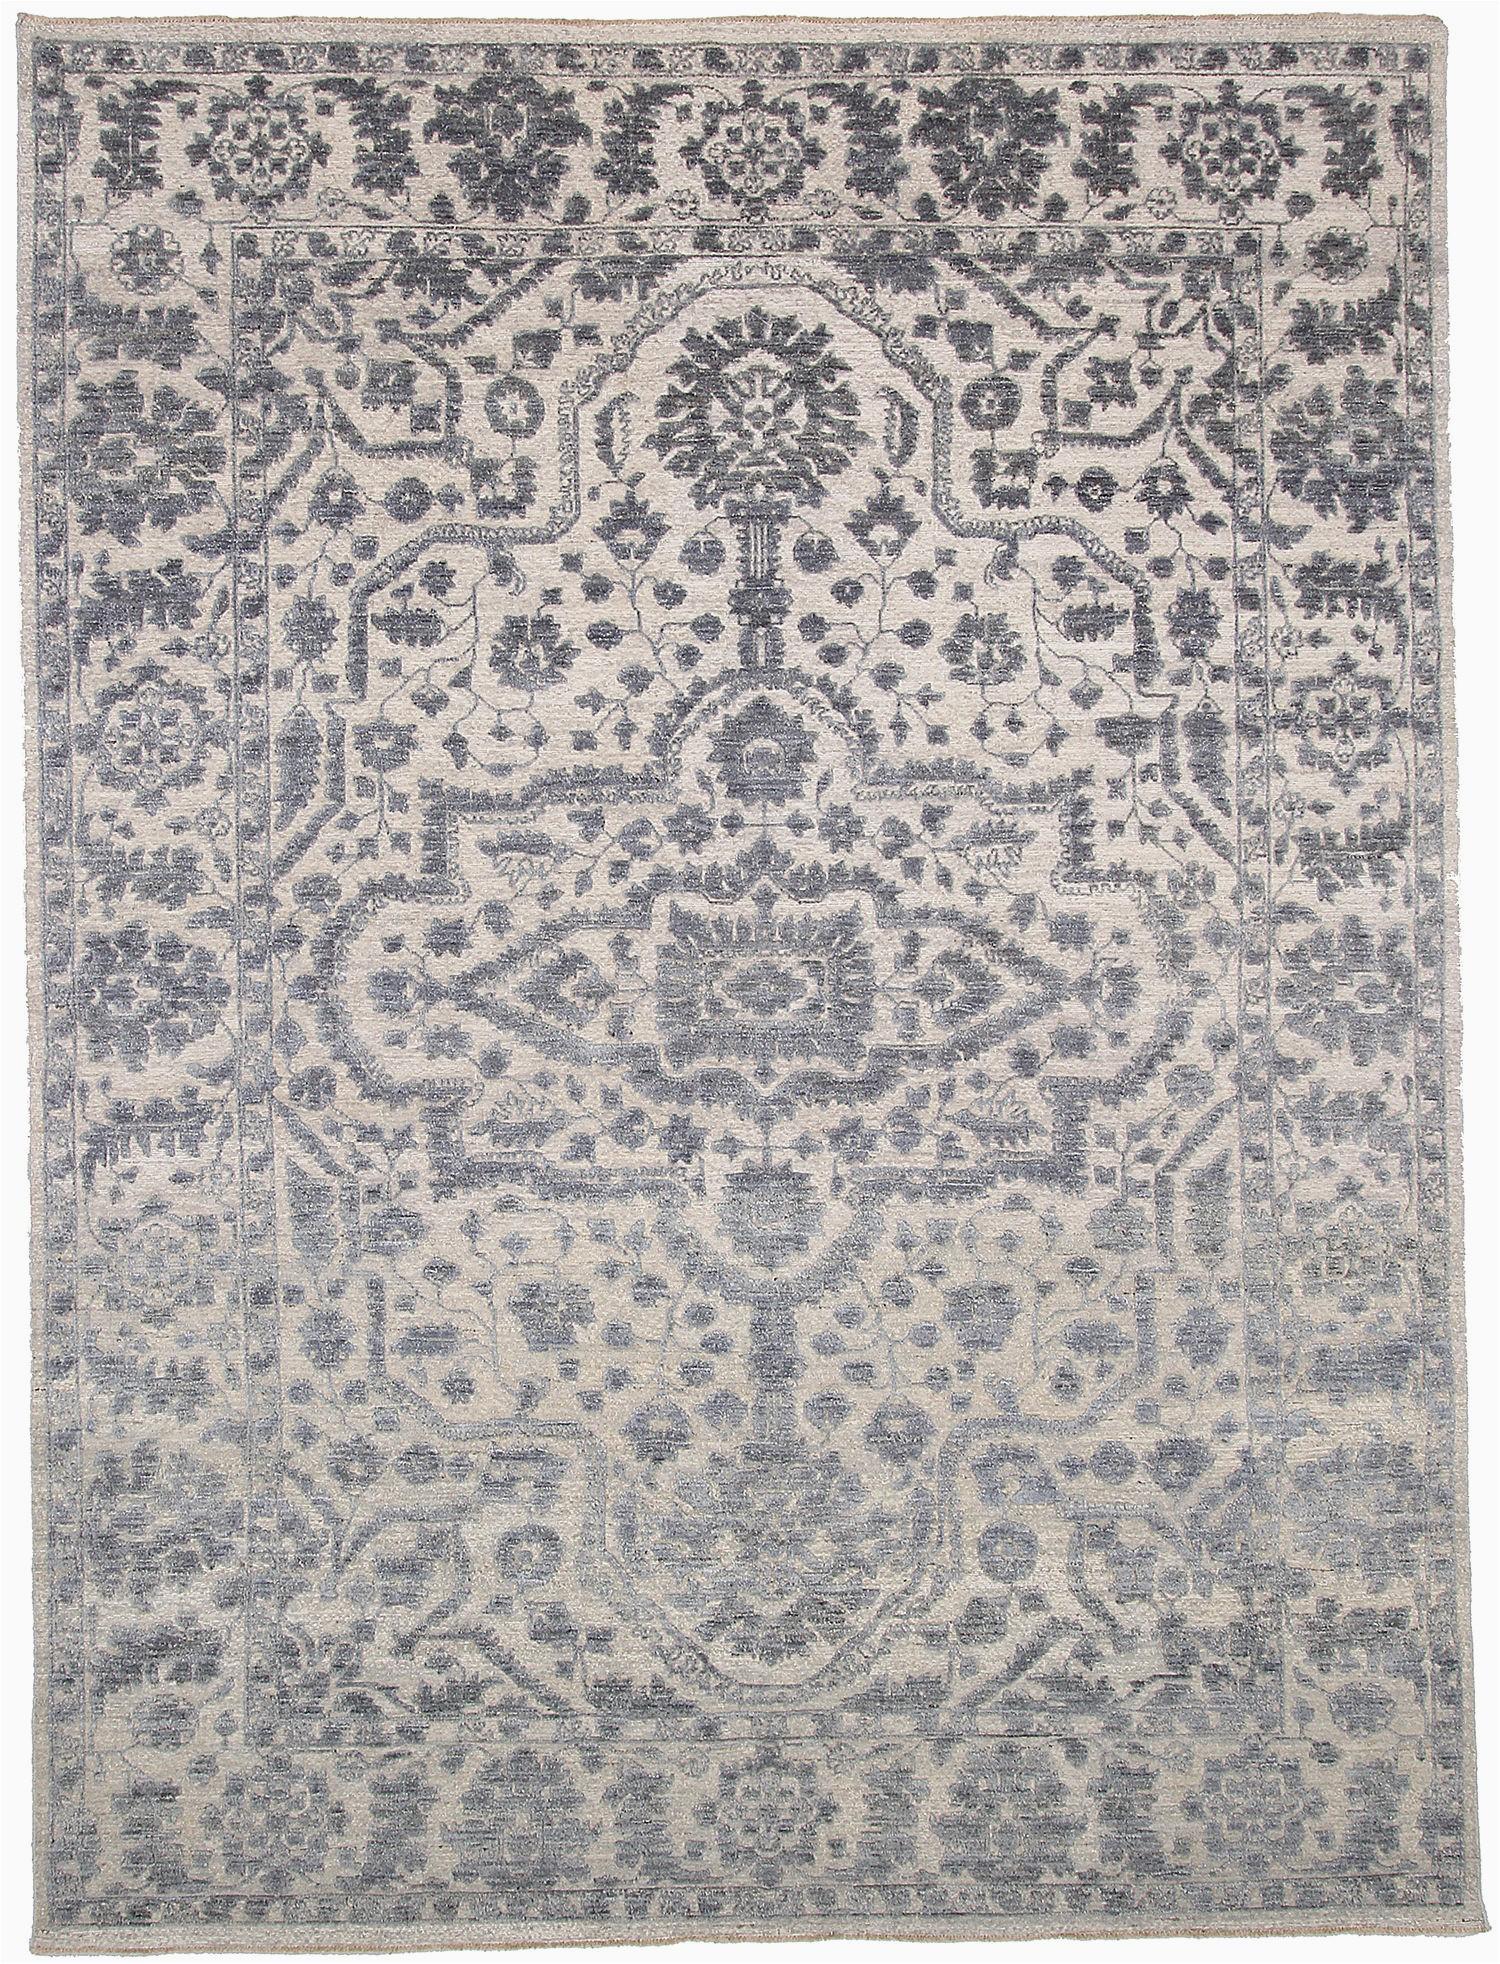 9x12 ft pakistani hand knotted blue wool sku